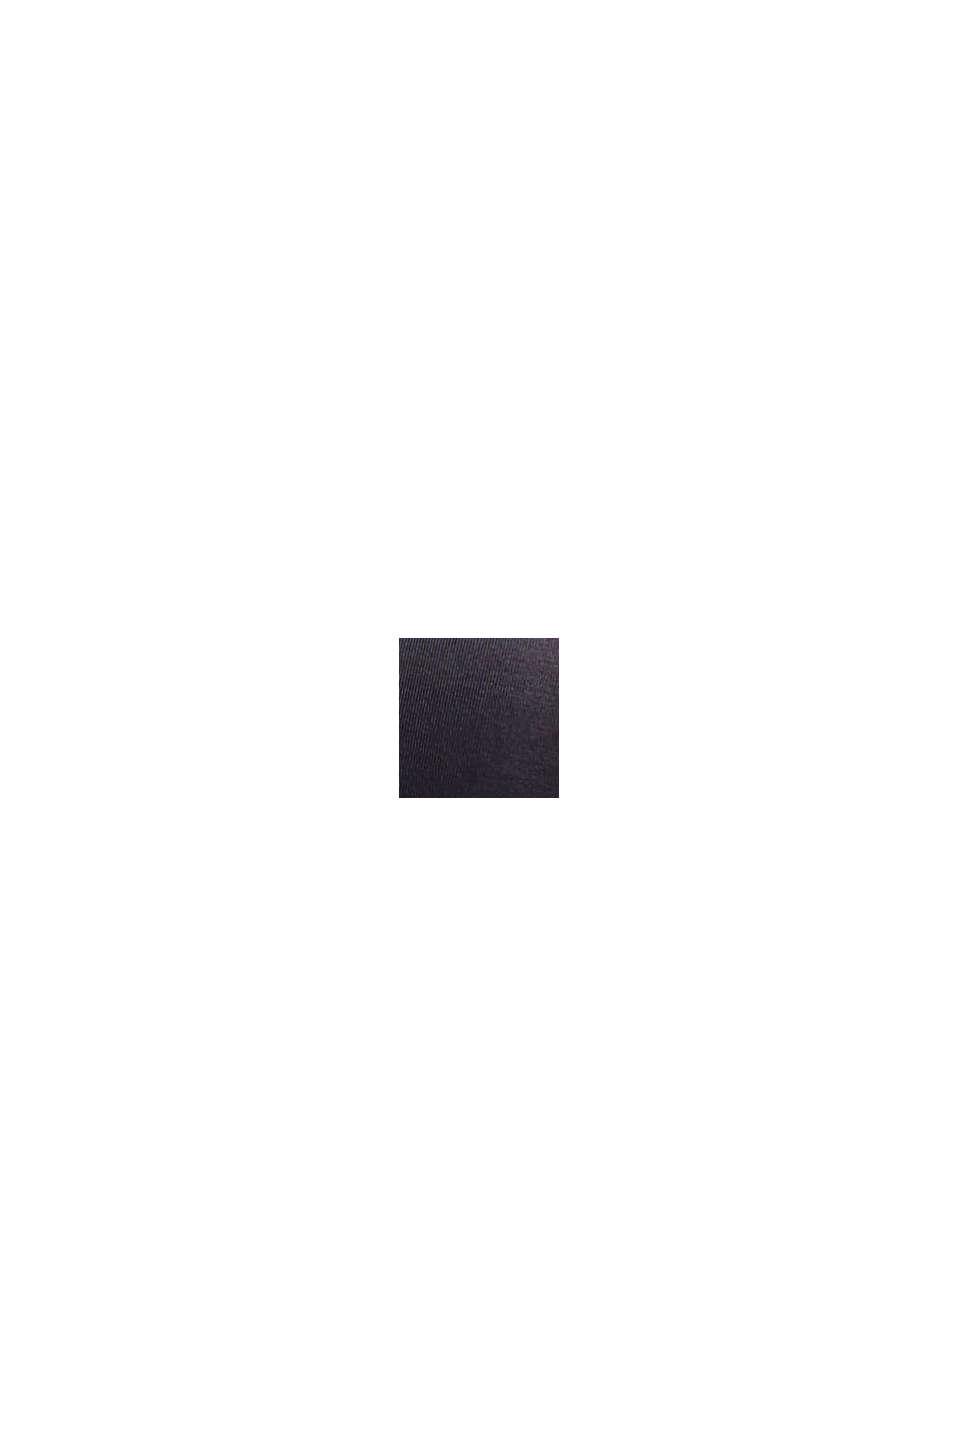 Polstret bøjle-bh i mikrofiber, DARK GREY, swatch